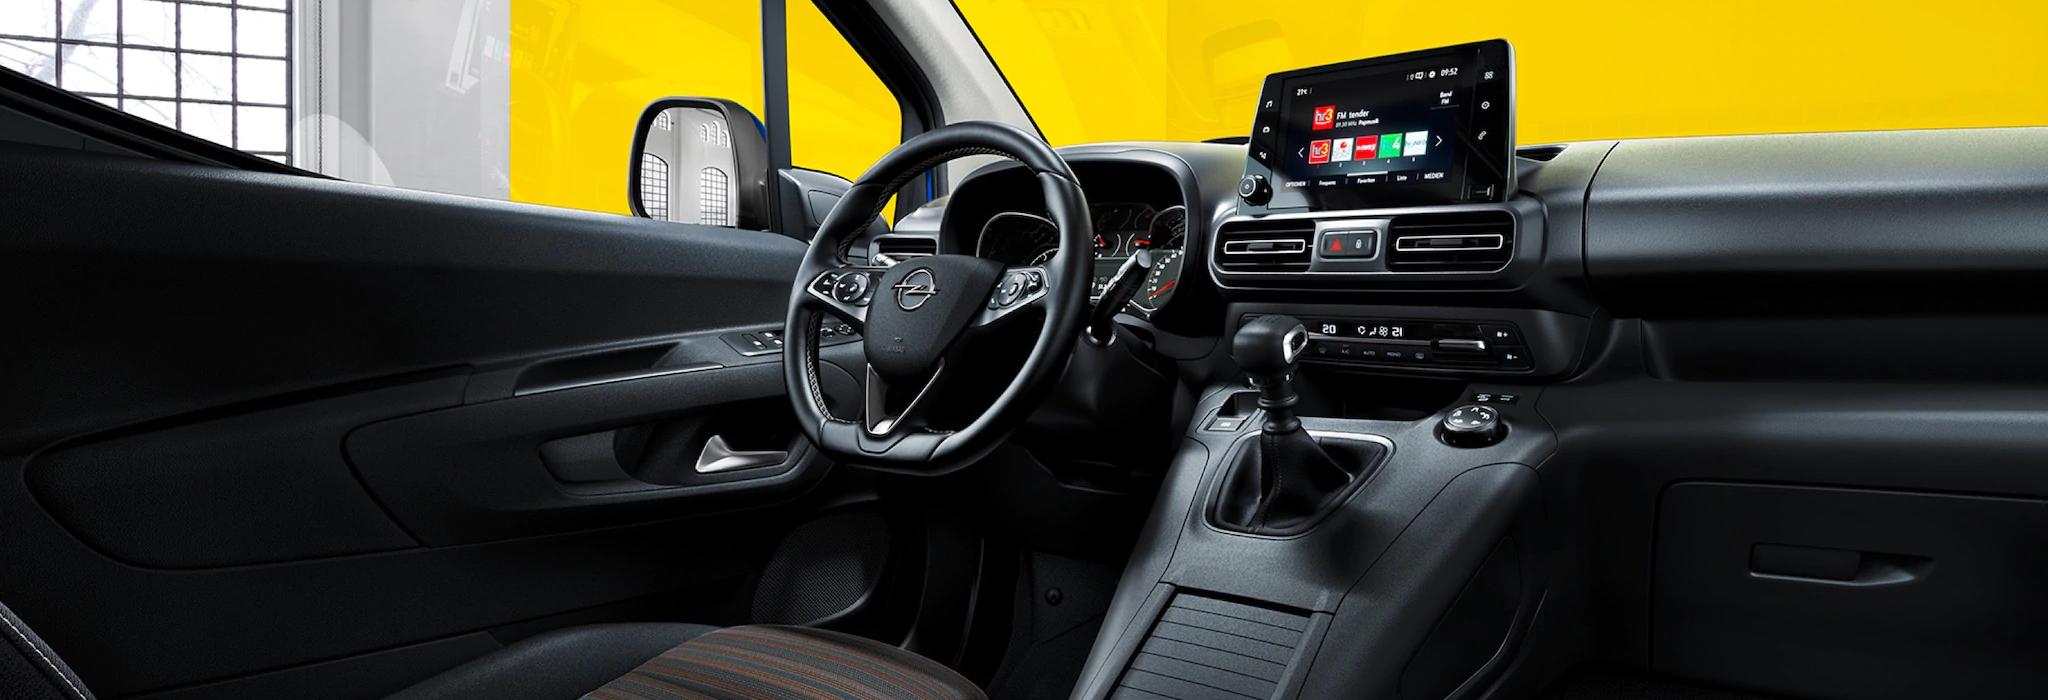 Opel_combo_life_interior_21x9_cml18_i01_013